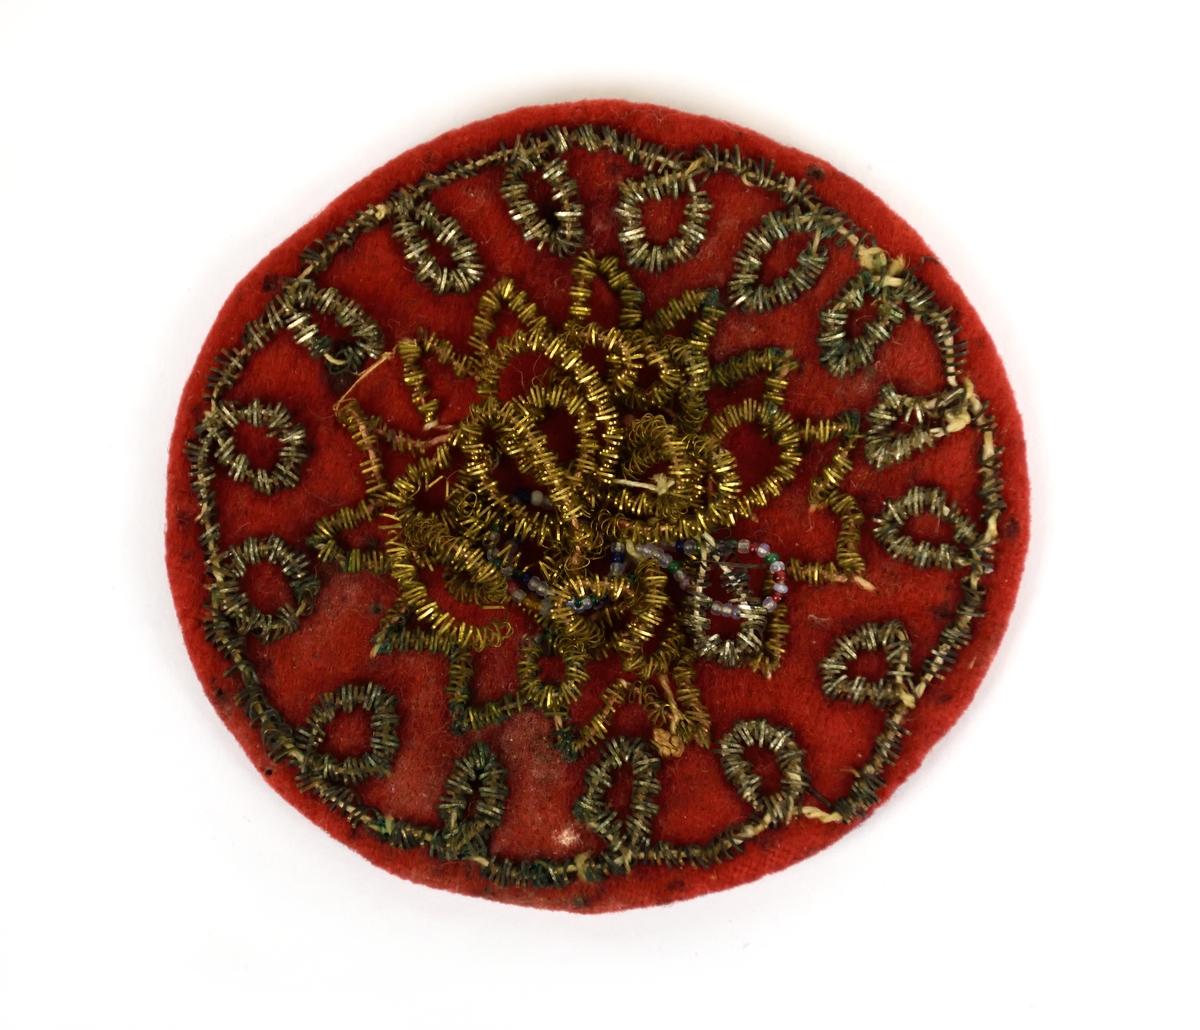 Hårsmycke av röd vadmal broderat med metalltråd, spunnen på lingarn. Till hårsmycket hör ett pannband broderat med vita pärldekorationer samt hängande tennplåtar i grupper.